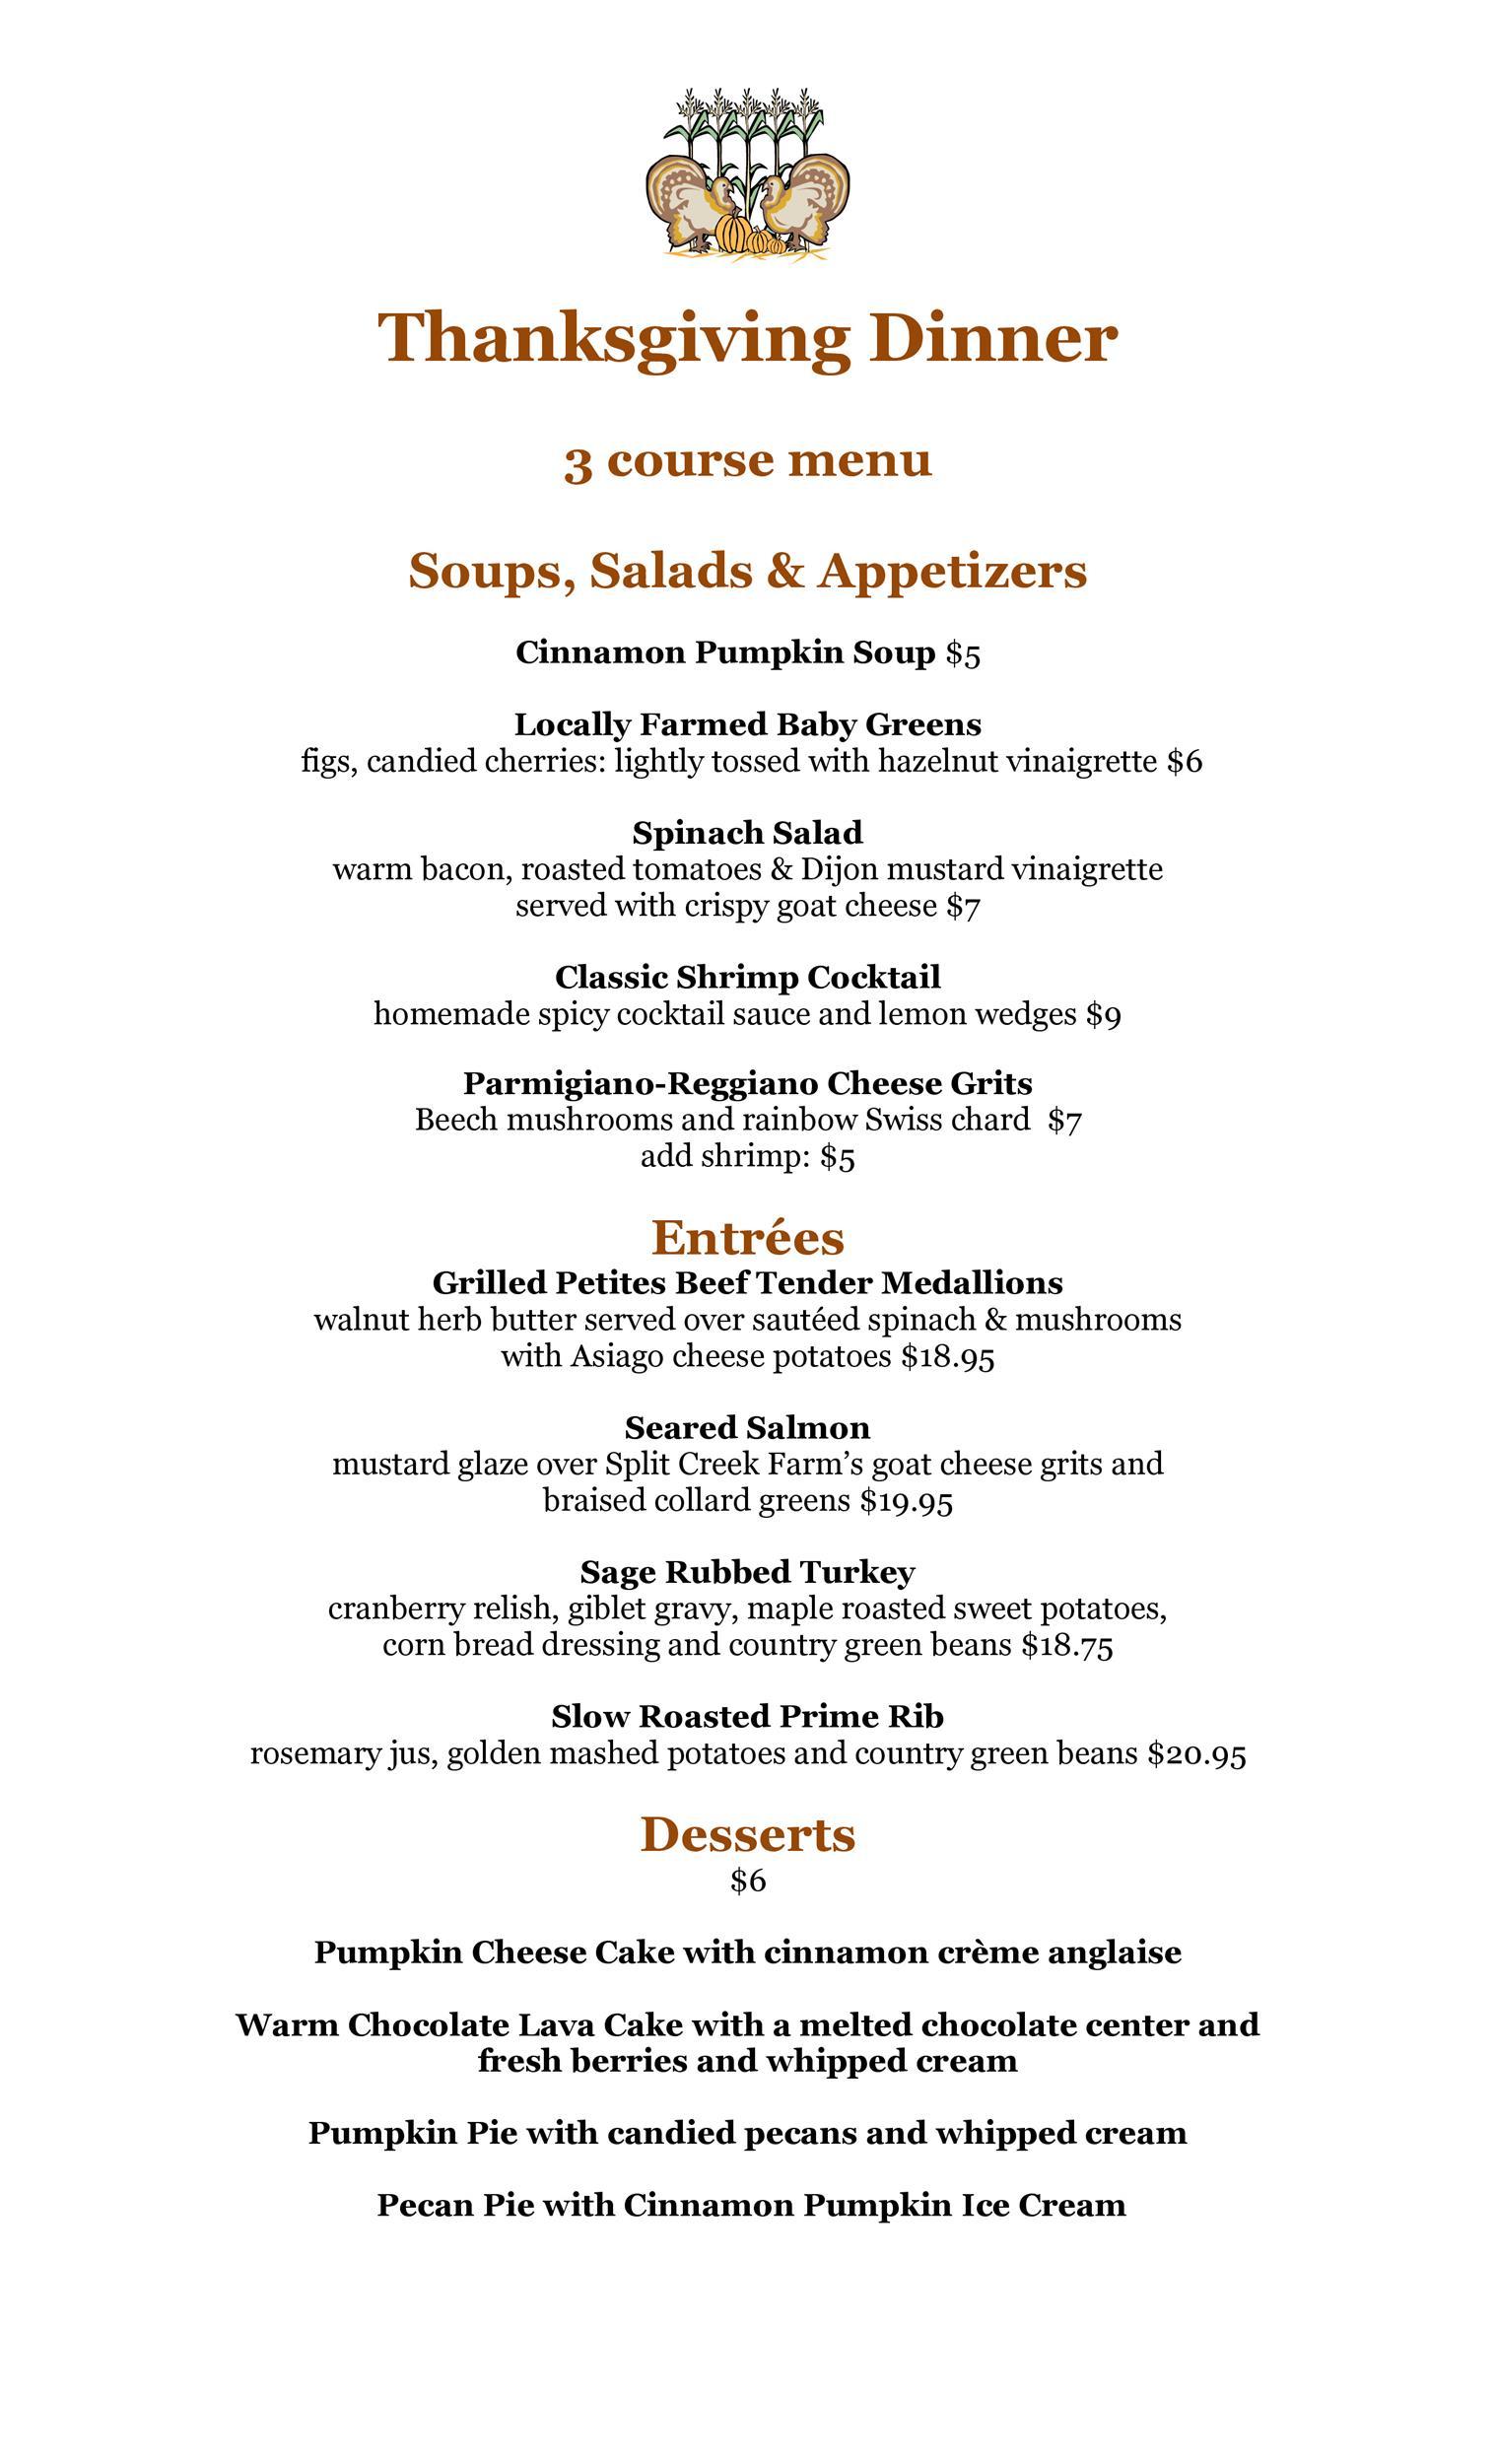 Free thanksgiving menu template 24